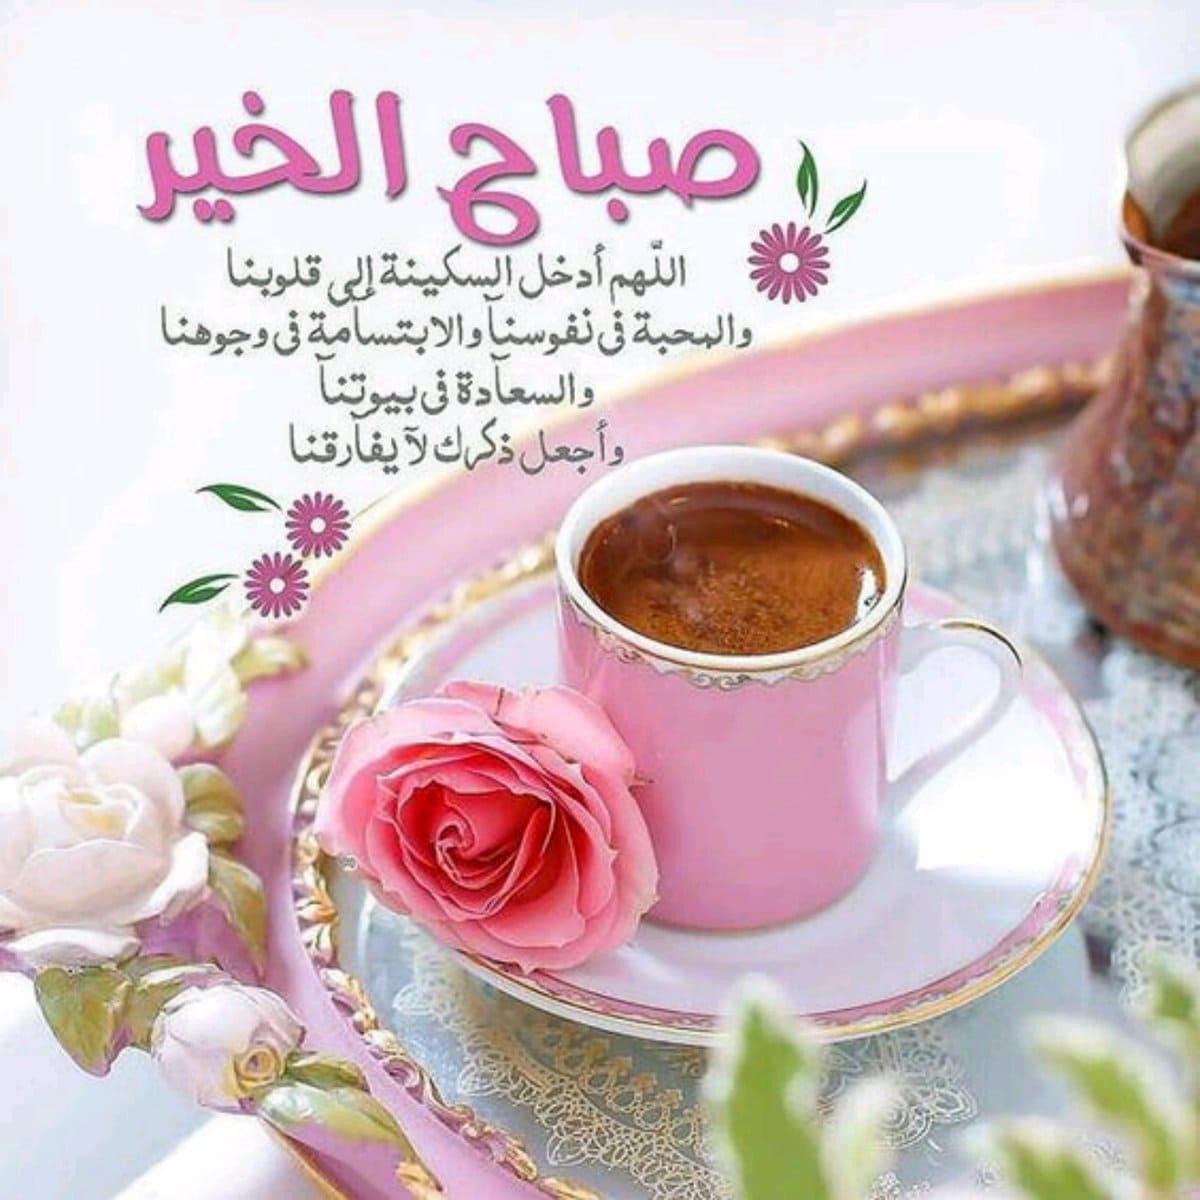 صورة اجمل صور صباح الخير , اجمل عبارات بالصور صباح الخير 4278 2